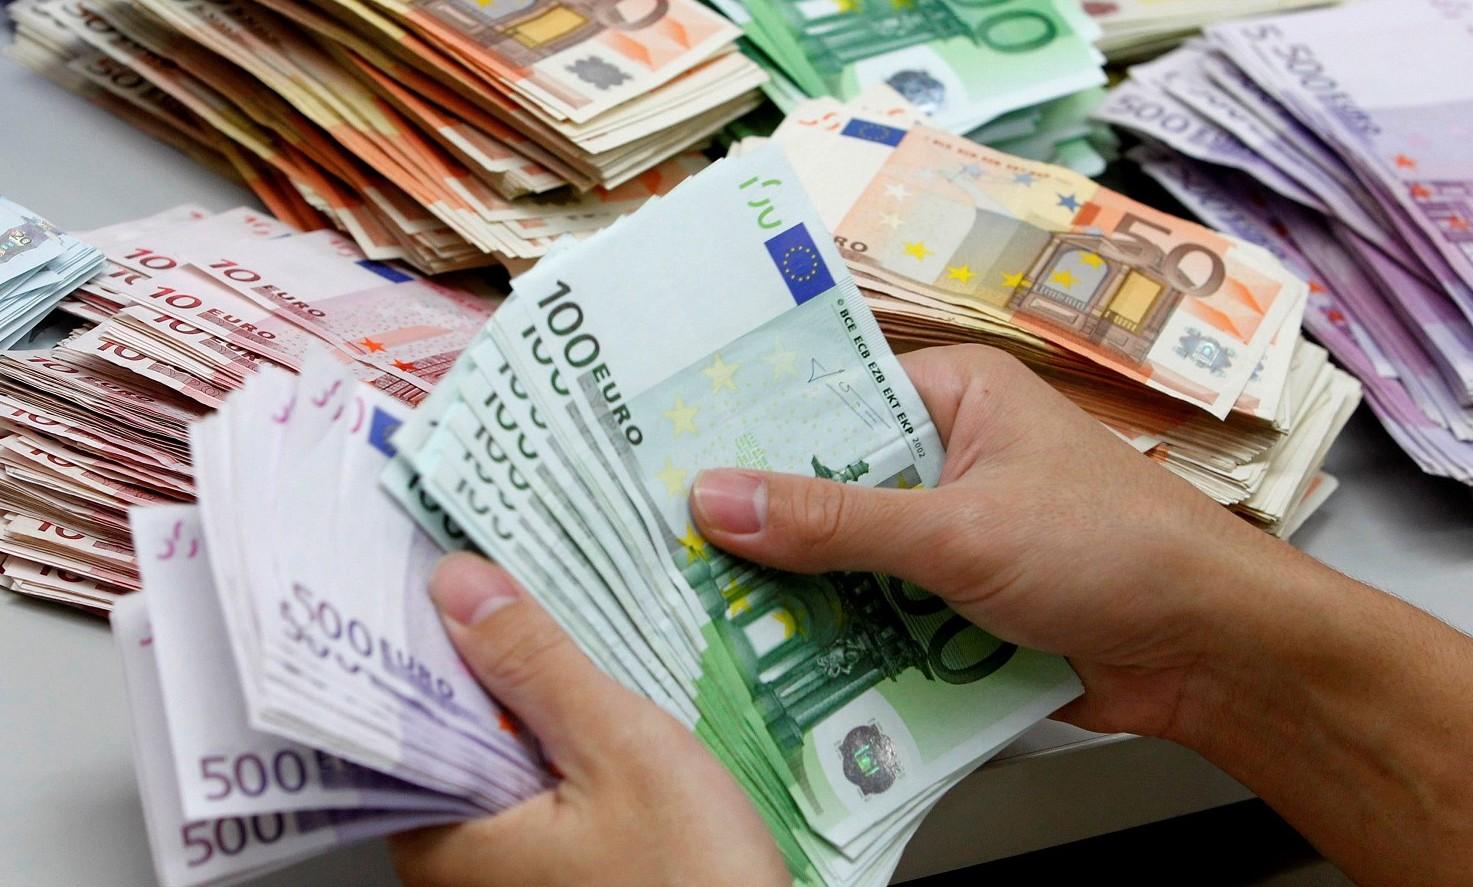 Reddito di cittadinanza: a chi spetta e come funziona?